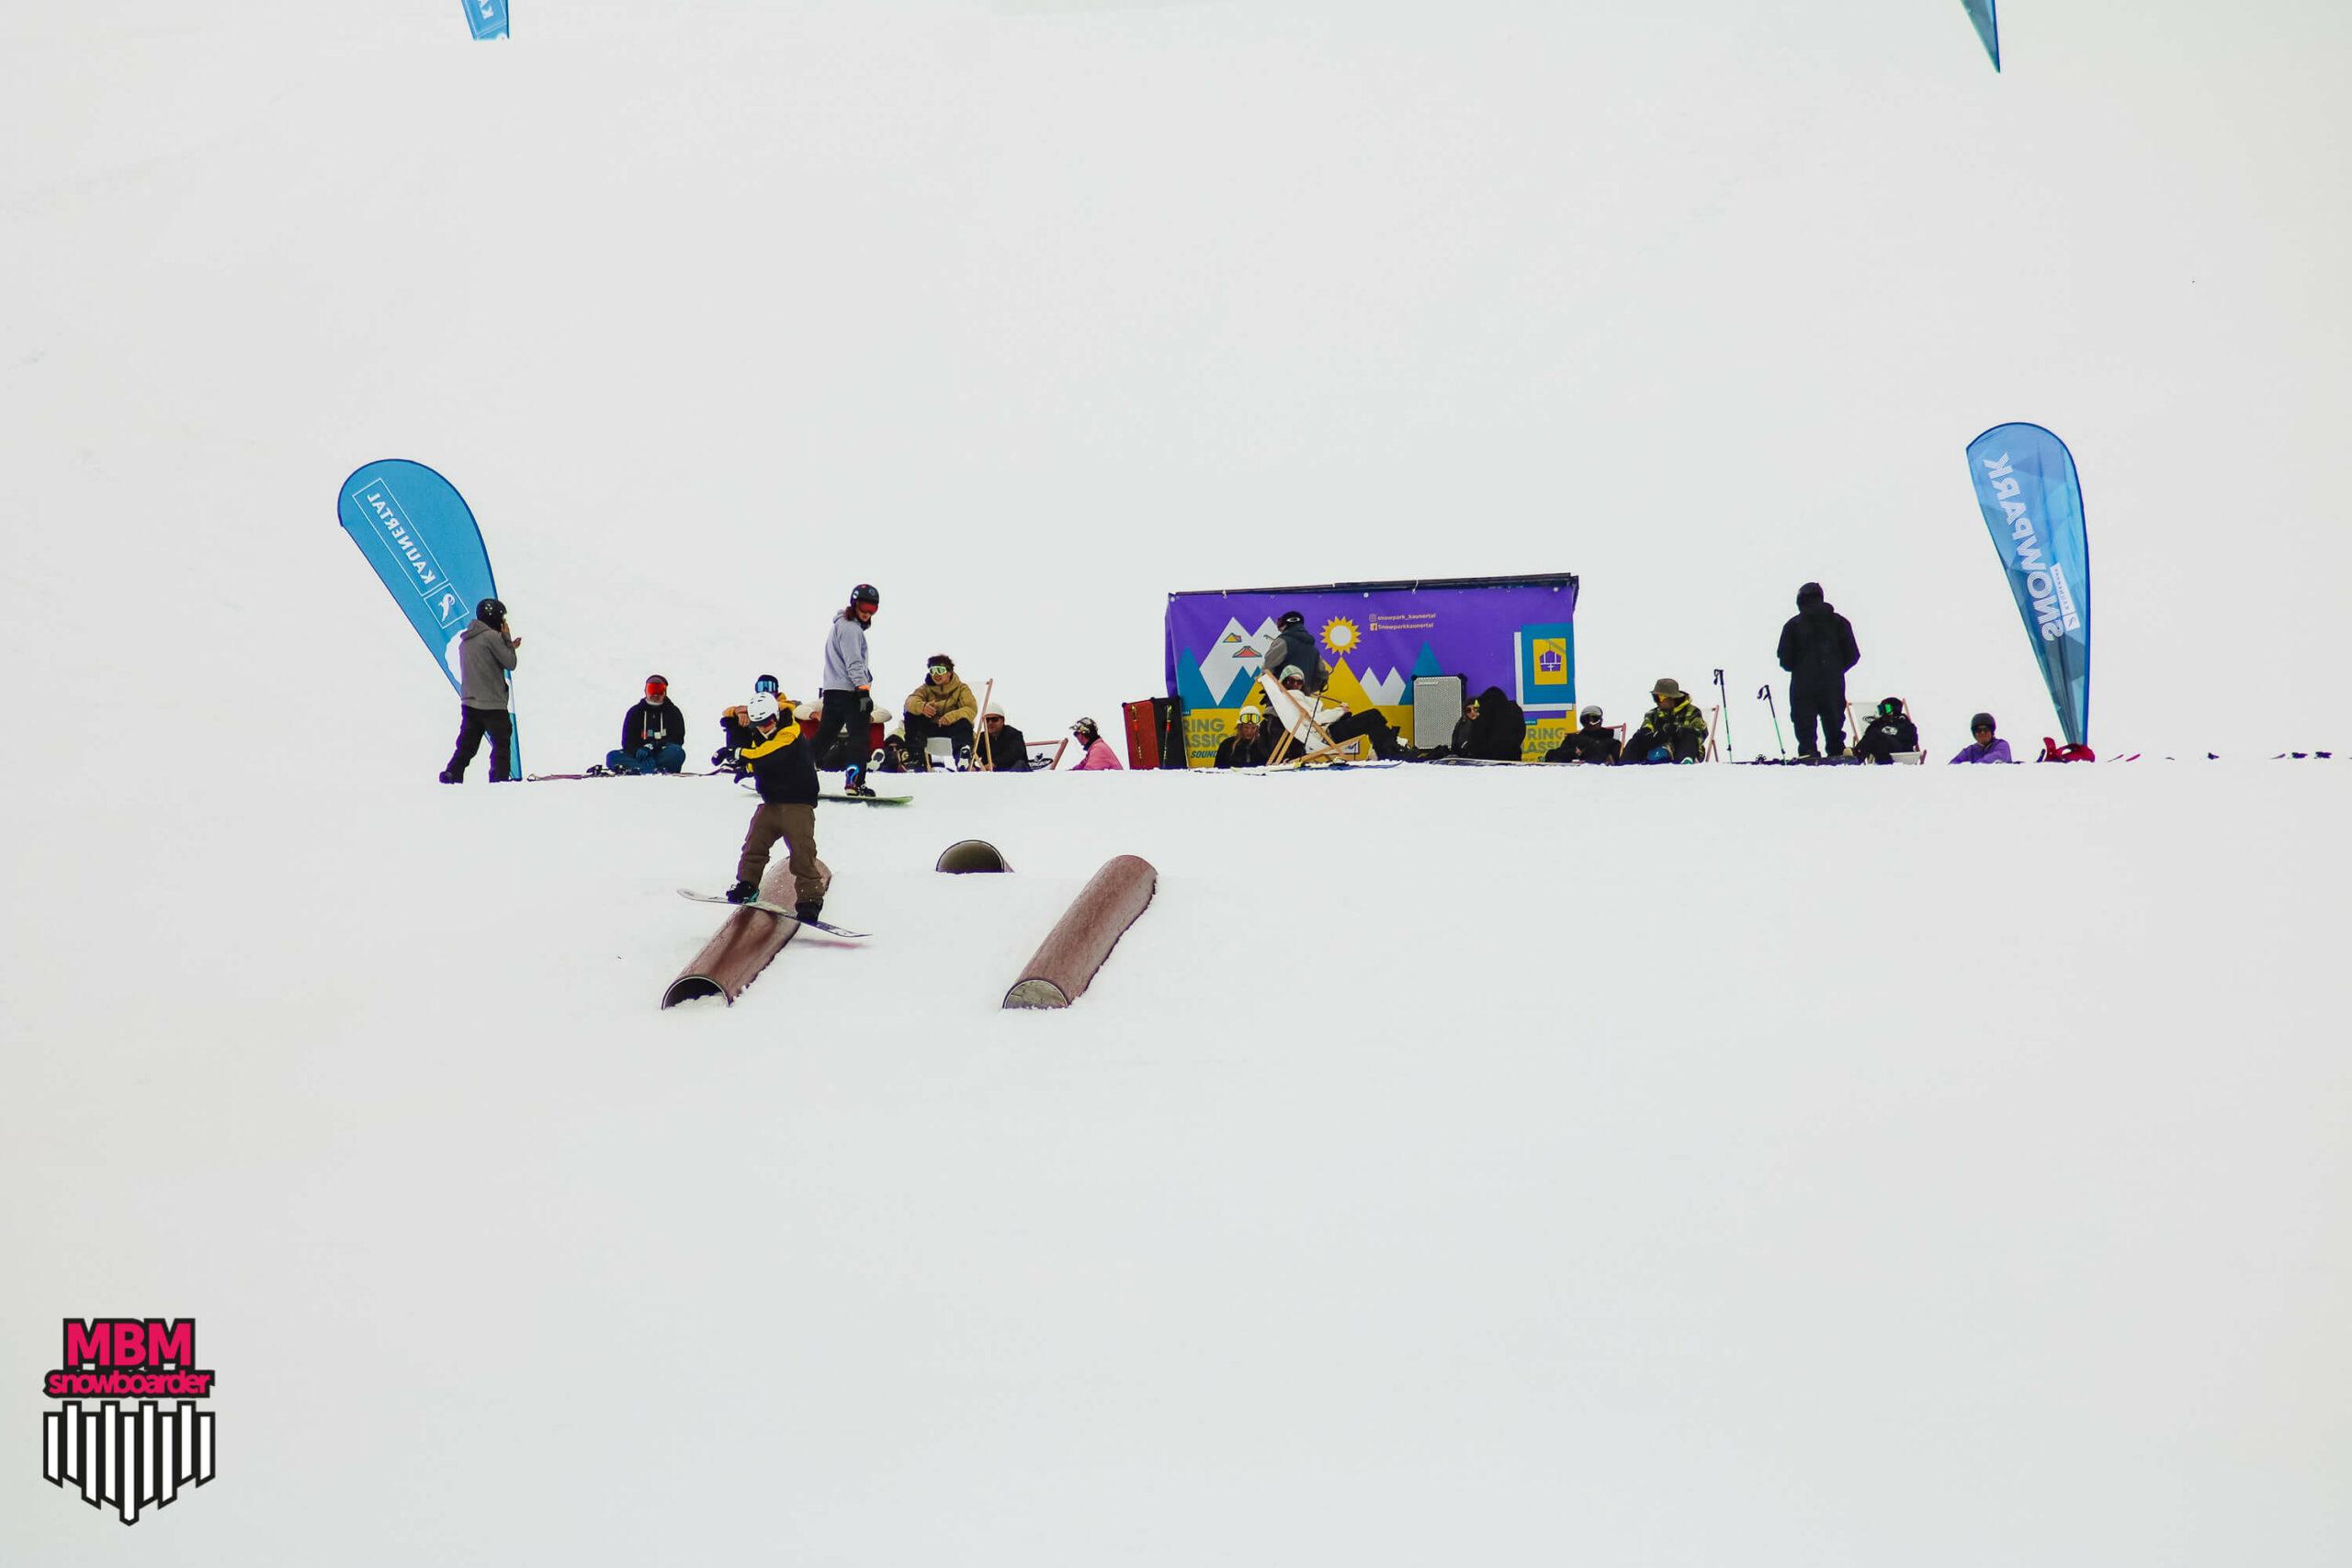 snowboarderMBM_sd_kaunertal_057